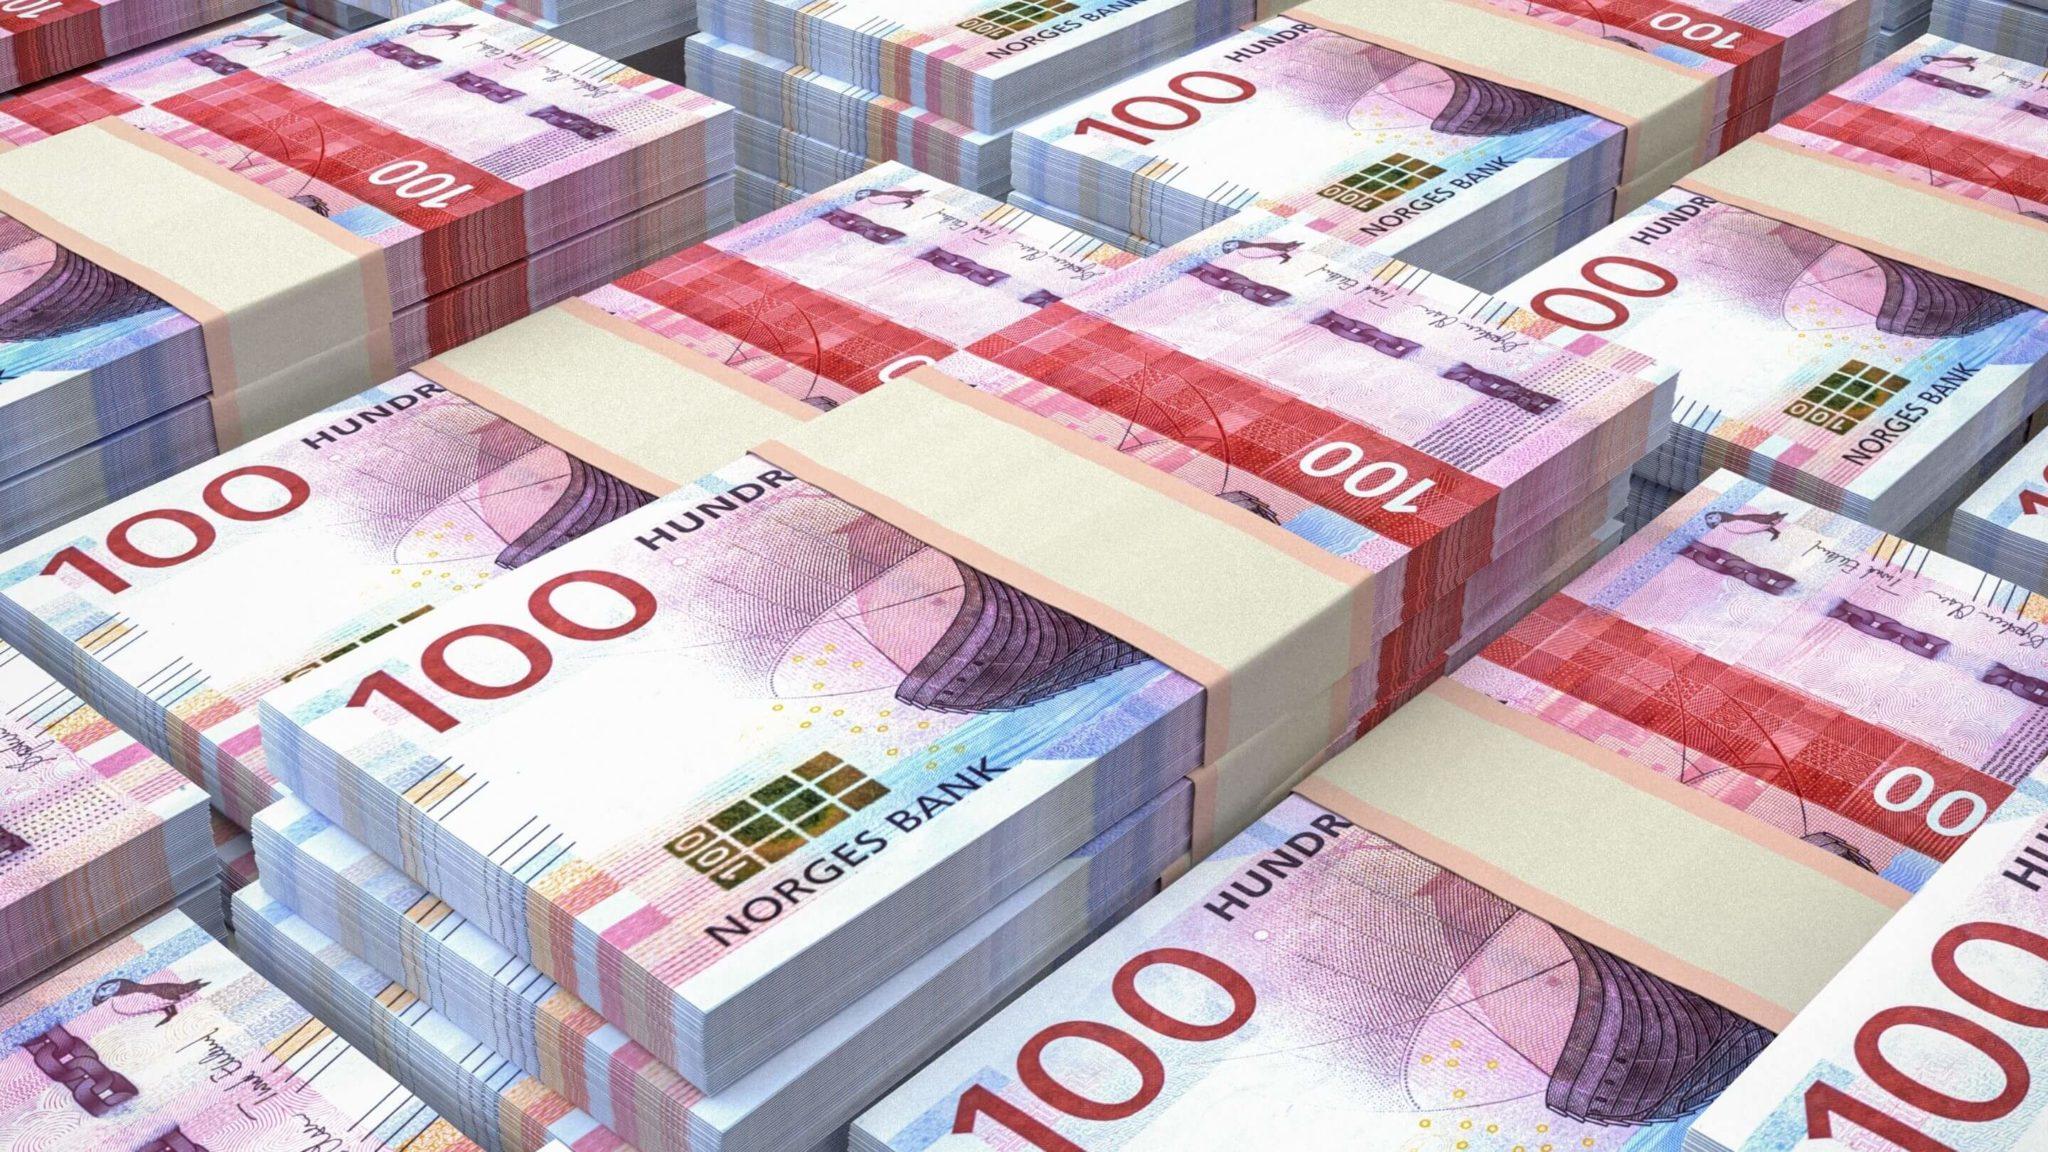 17 mln NOK